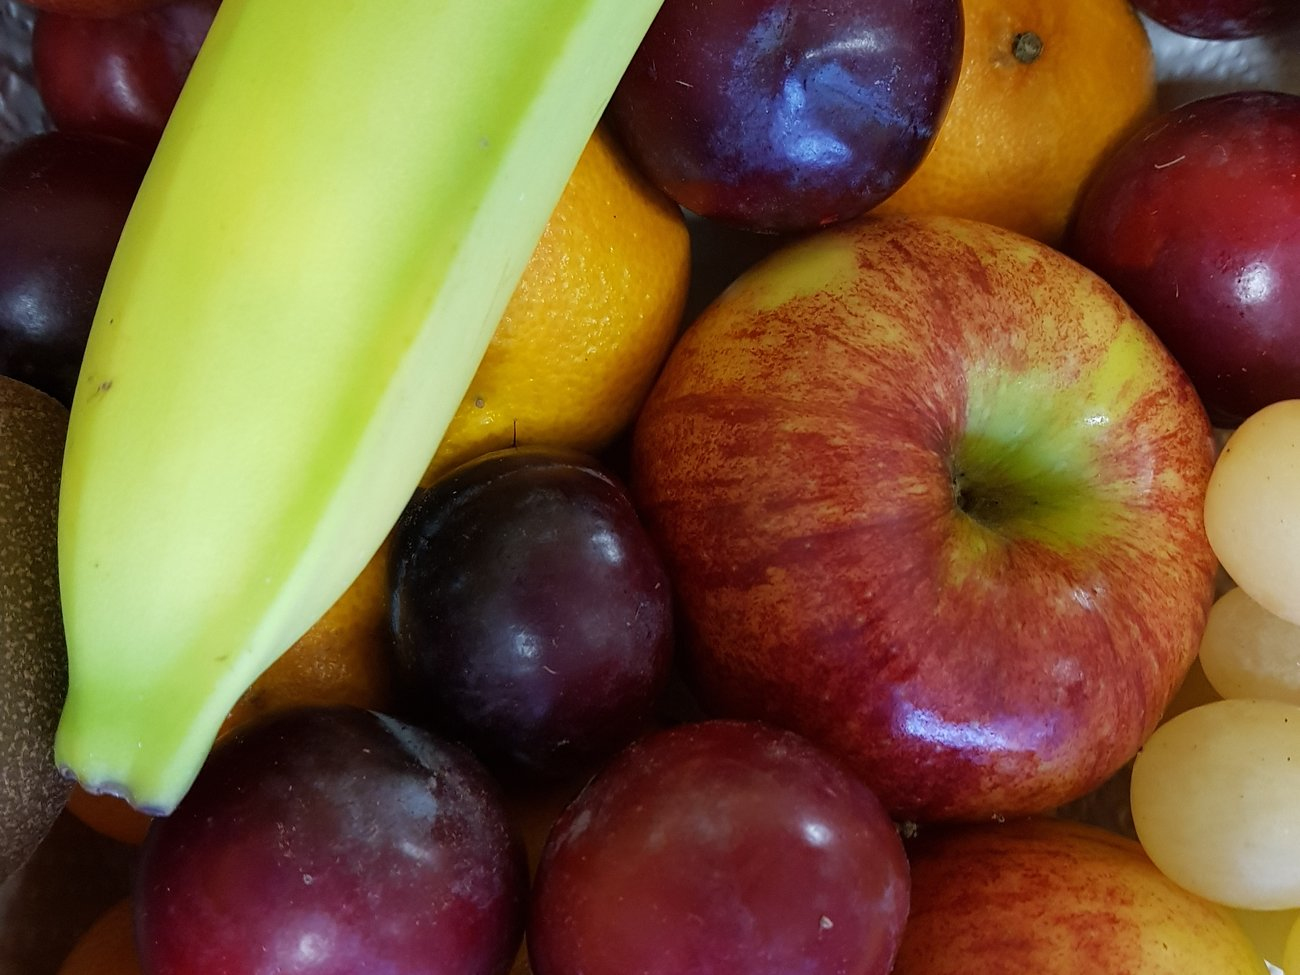 Nicht für alle Menschen ist der Genuss von Obst gesund.